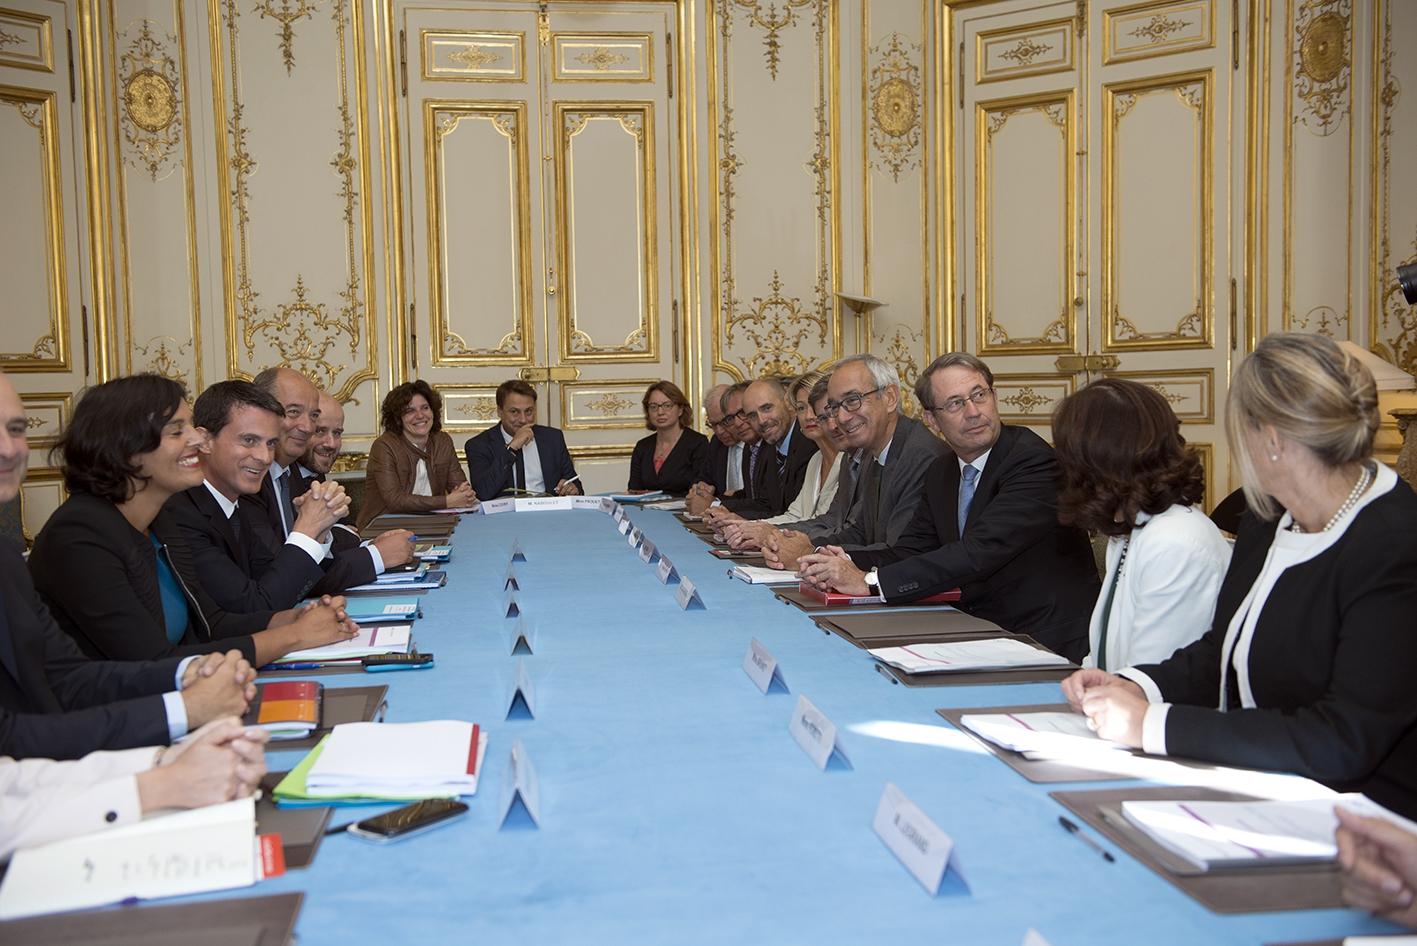 Remise du rapport de Jean-Denis Combrexelle